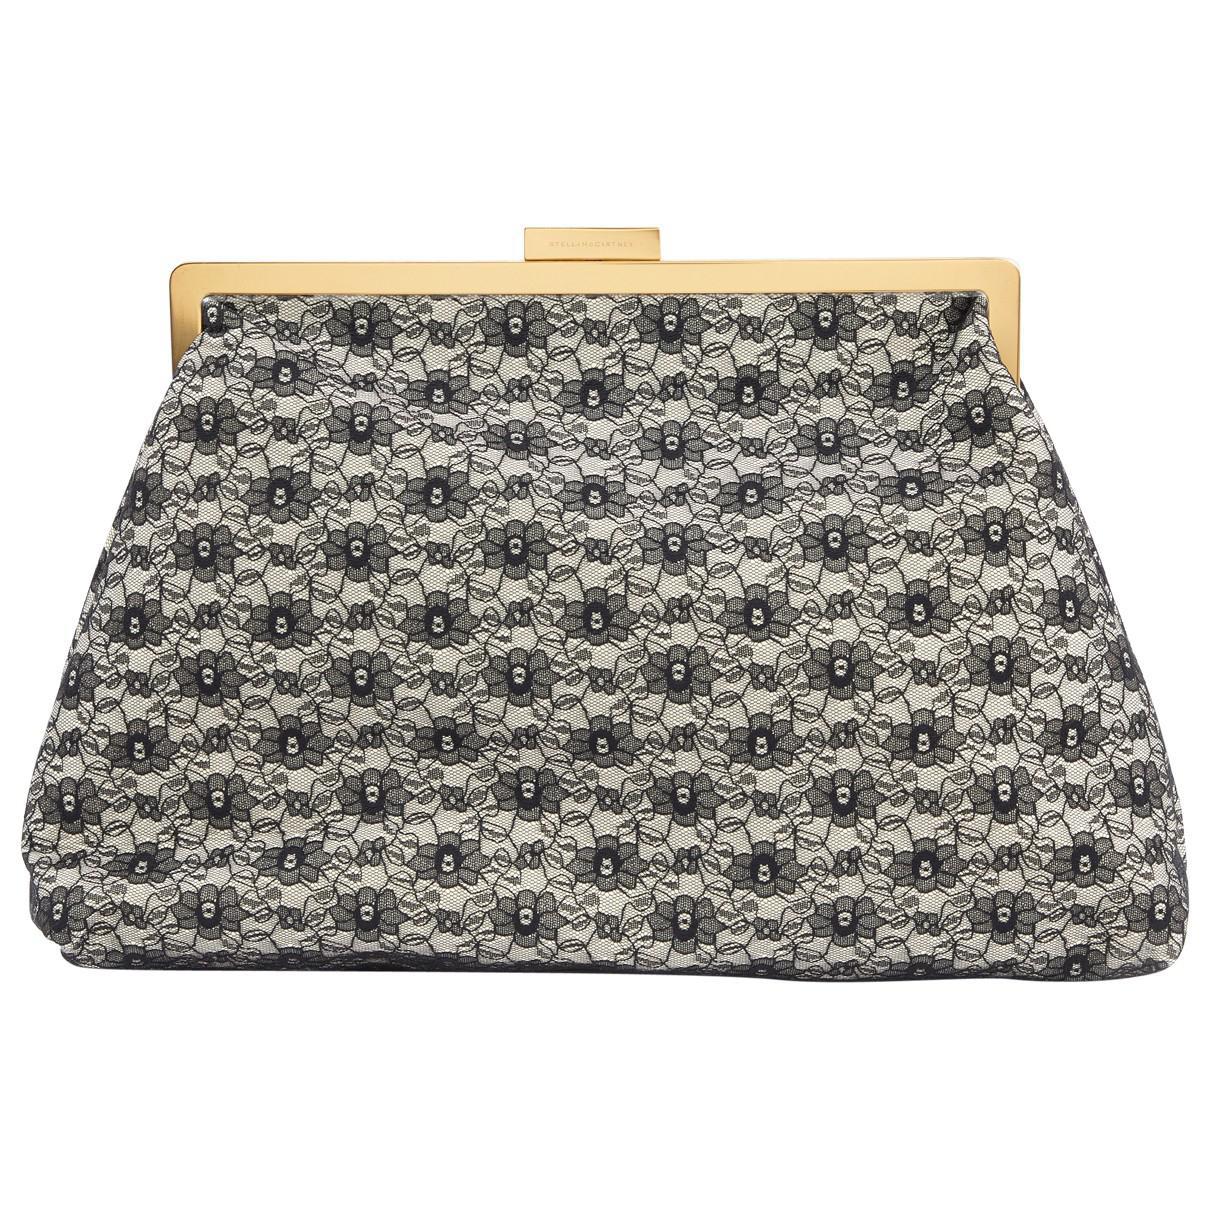 d2d05d602e80 Stella McCartney Pre-owned Black Cloth Clutch Bags in Black - Lyst